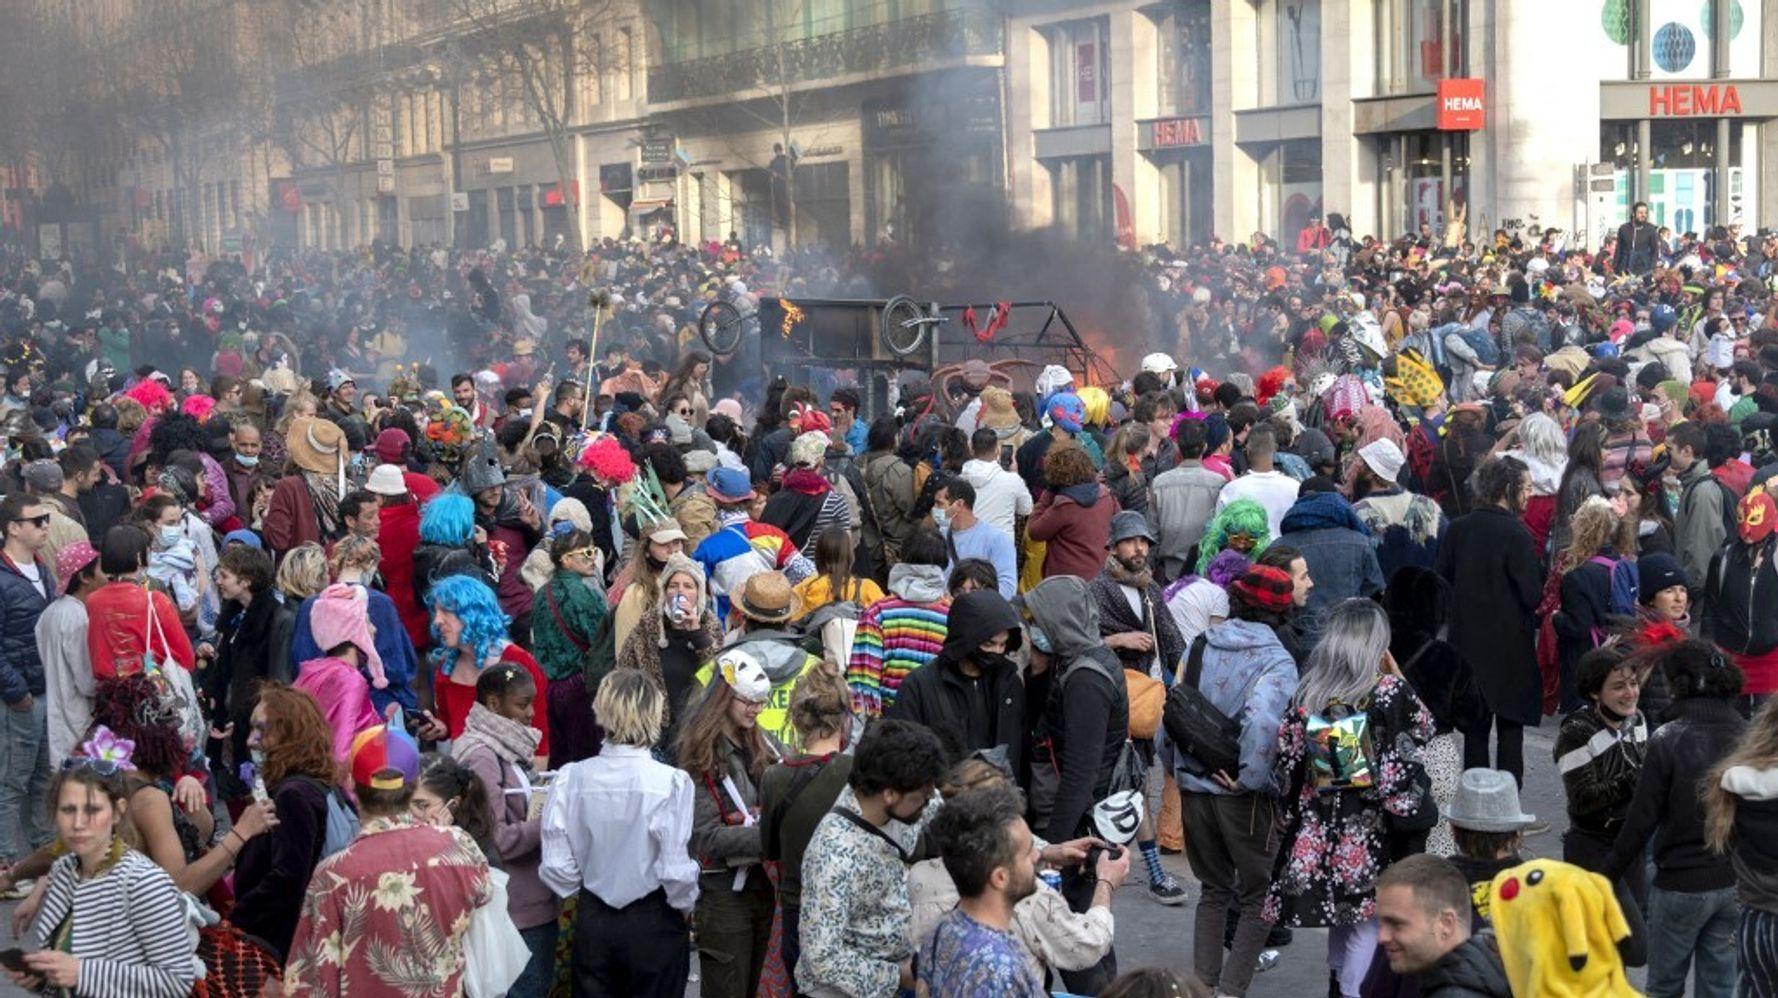 Un carnaval non autorisé à Marseille réunit plus de 6000 personnes